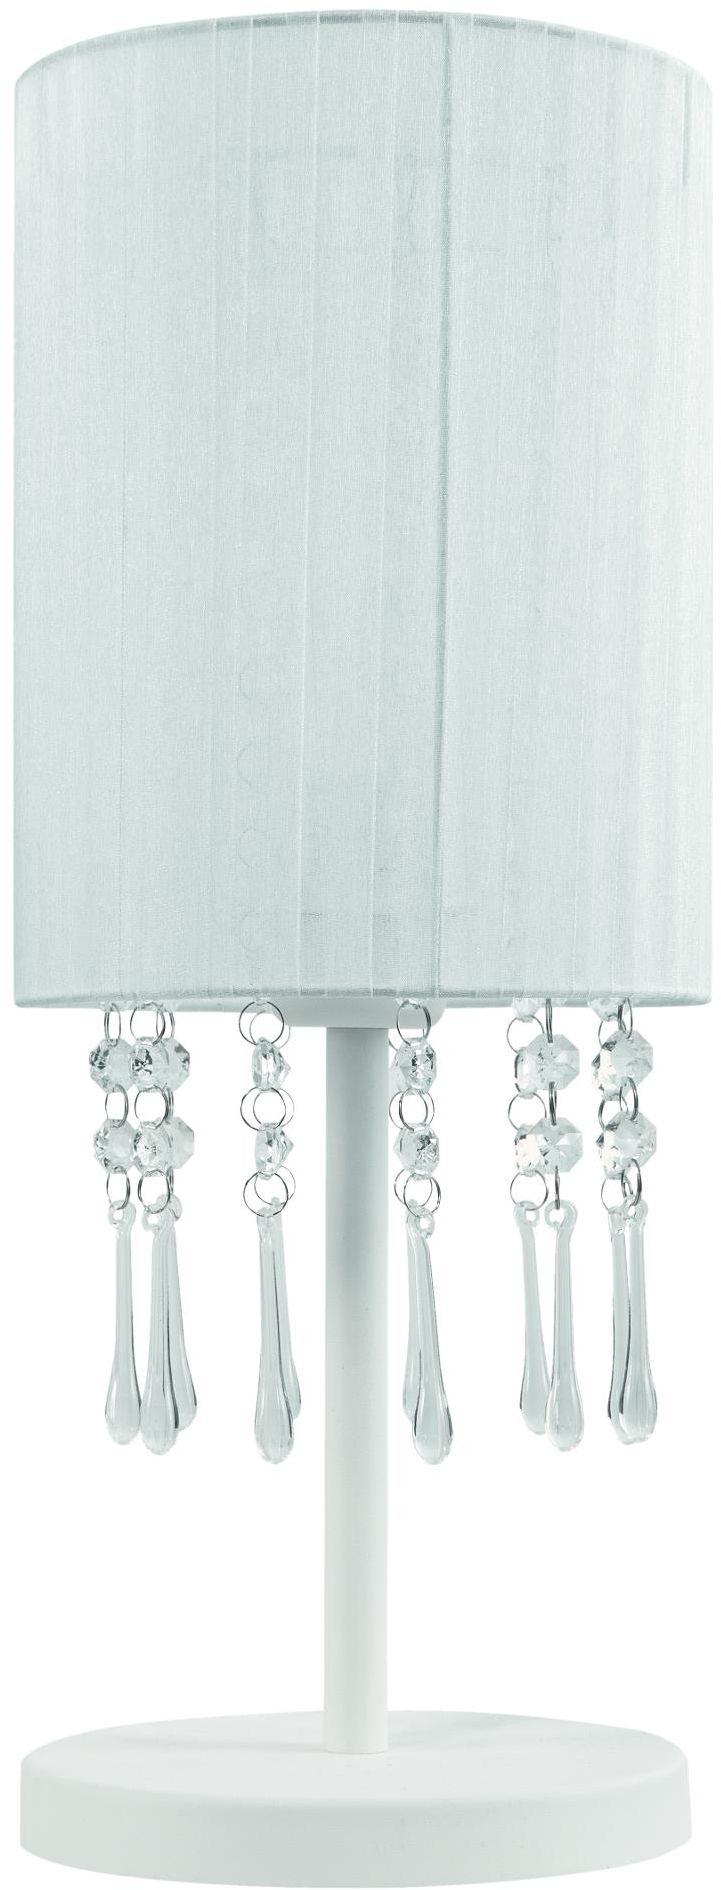 Lampex Wenecja biała 153/LM BIA lampa stołowa elegancka finezyjny abażur spod którego zwisają akrylowe kryształki 1x60W E27 45cm